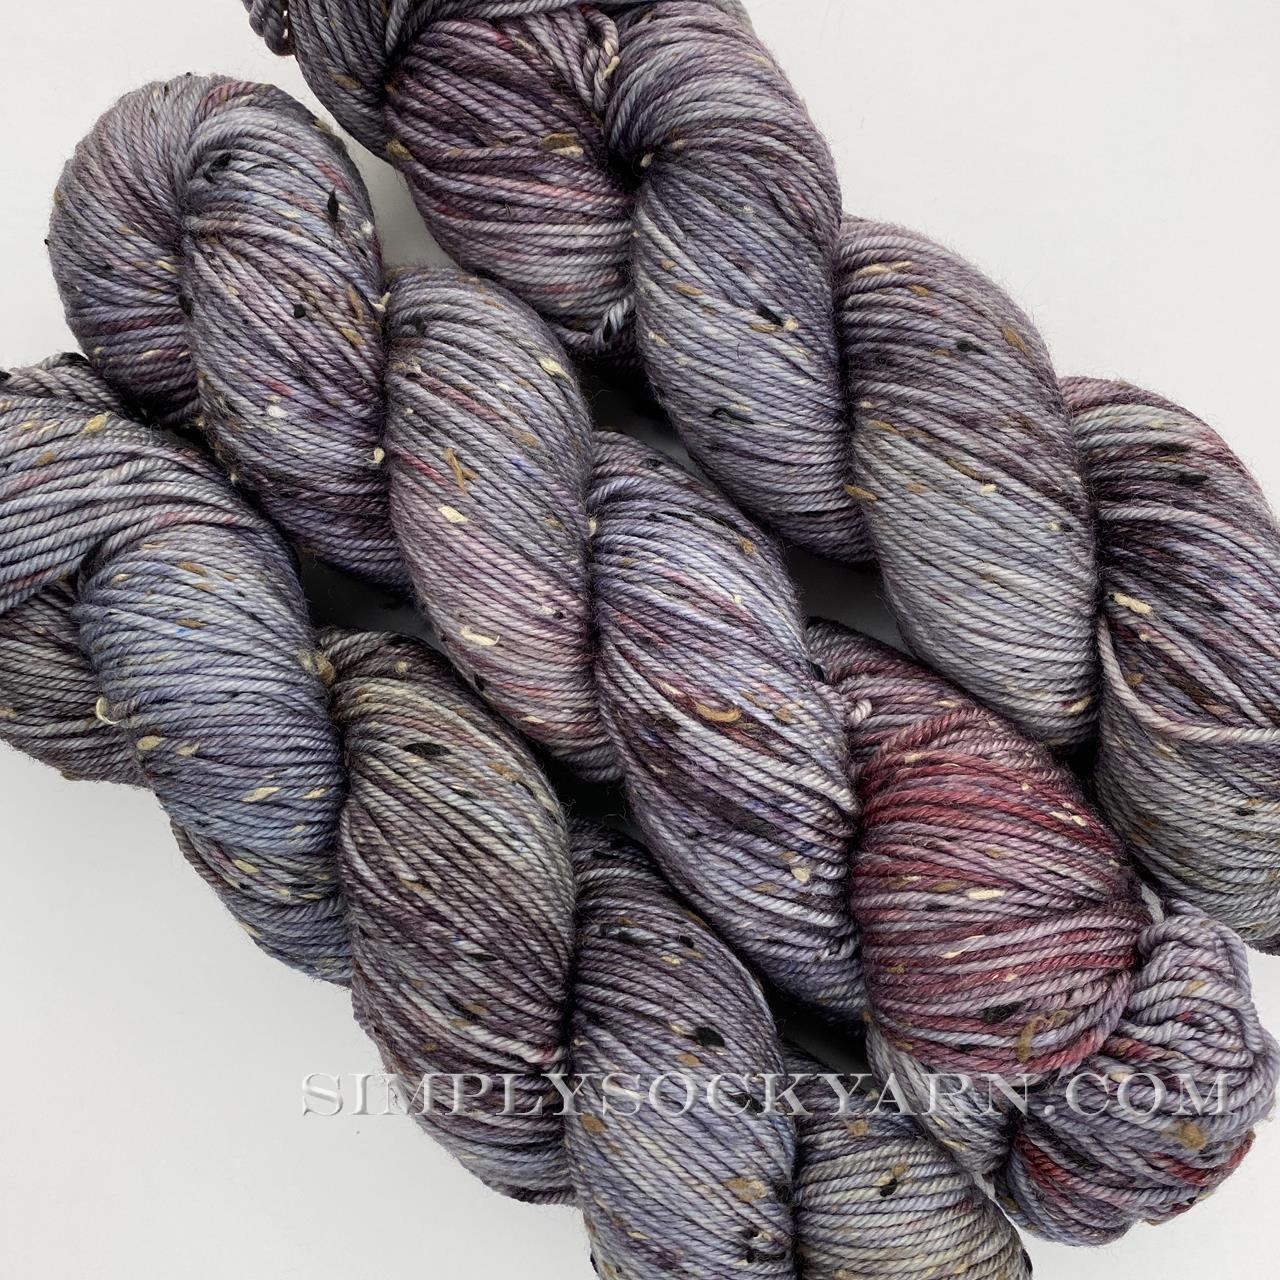 LTY Tweed DK Lake Powell -